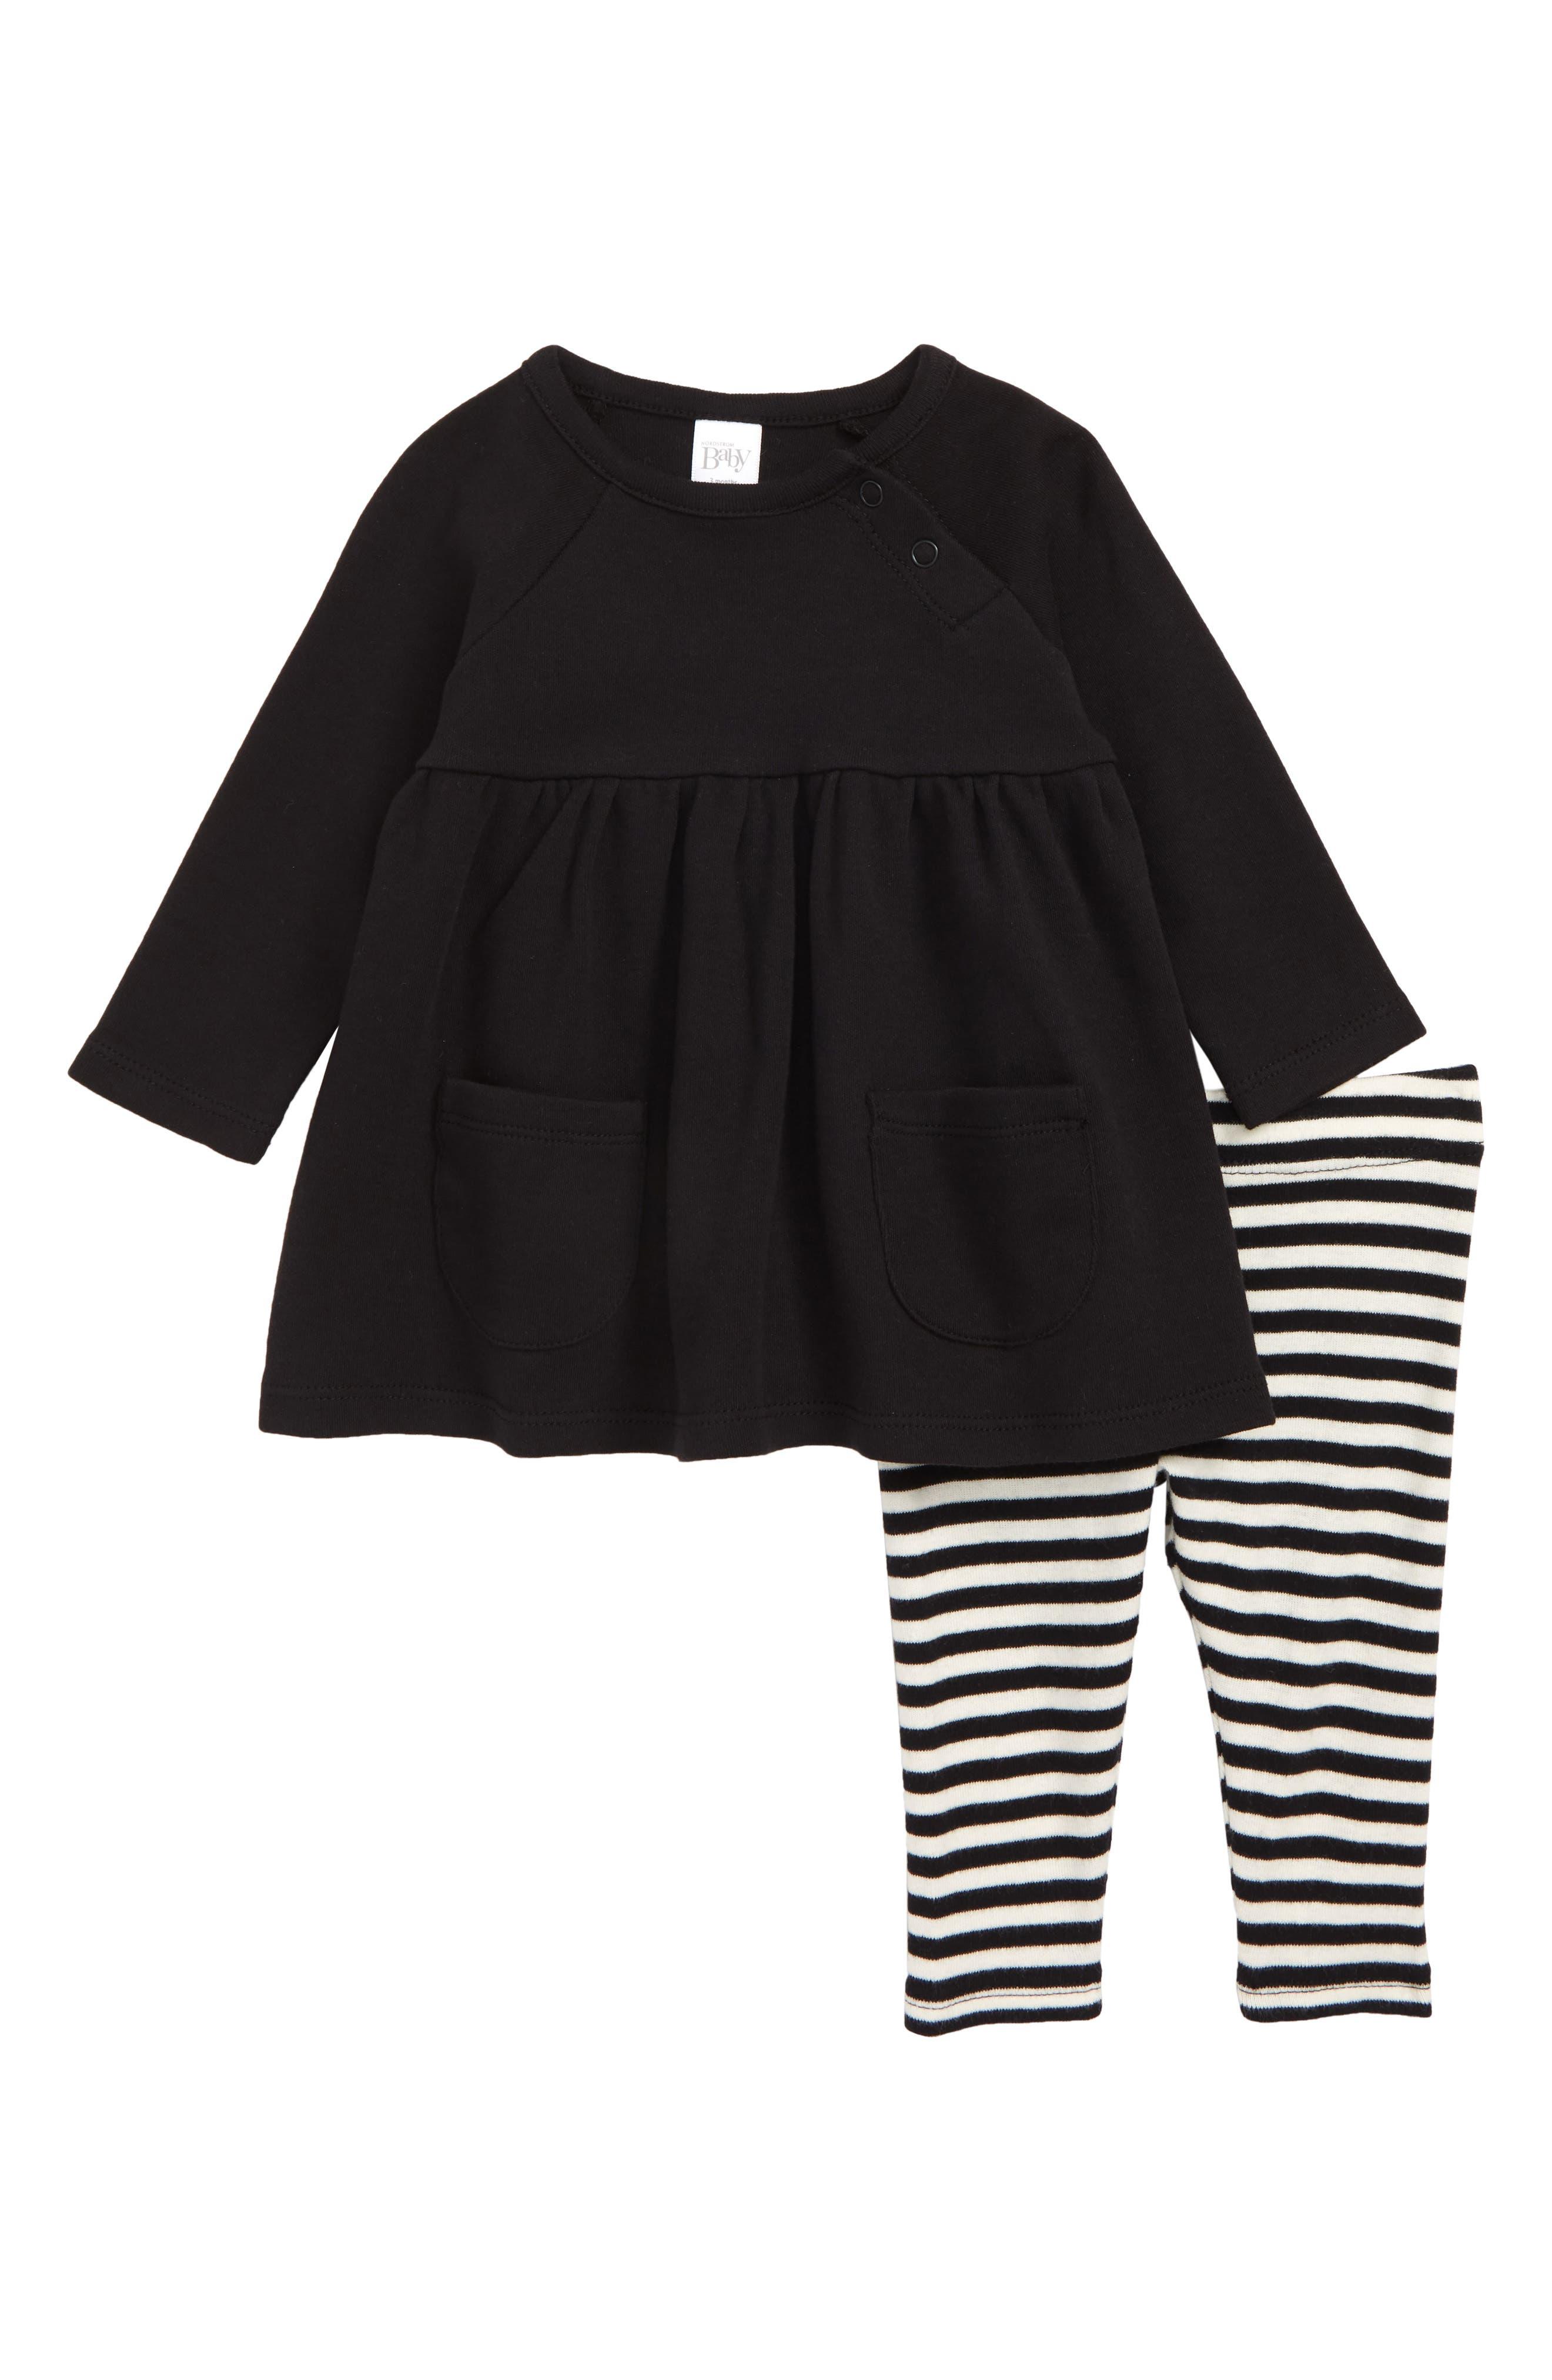 NORDSTROM BABY Pocket Dress & Leggings Set, Main, color, BLACK